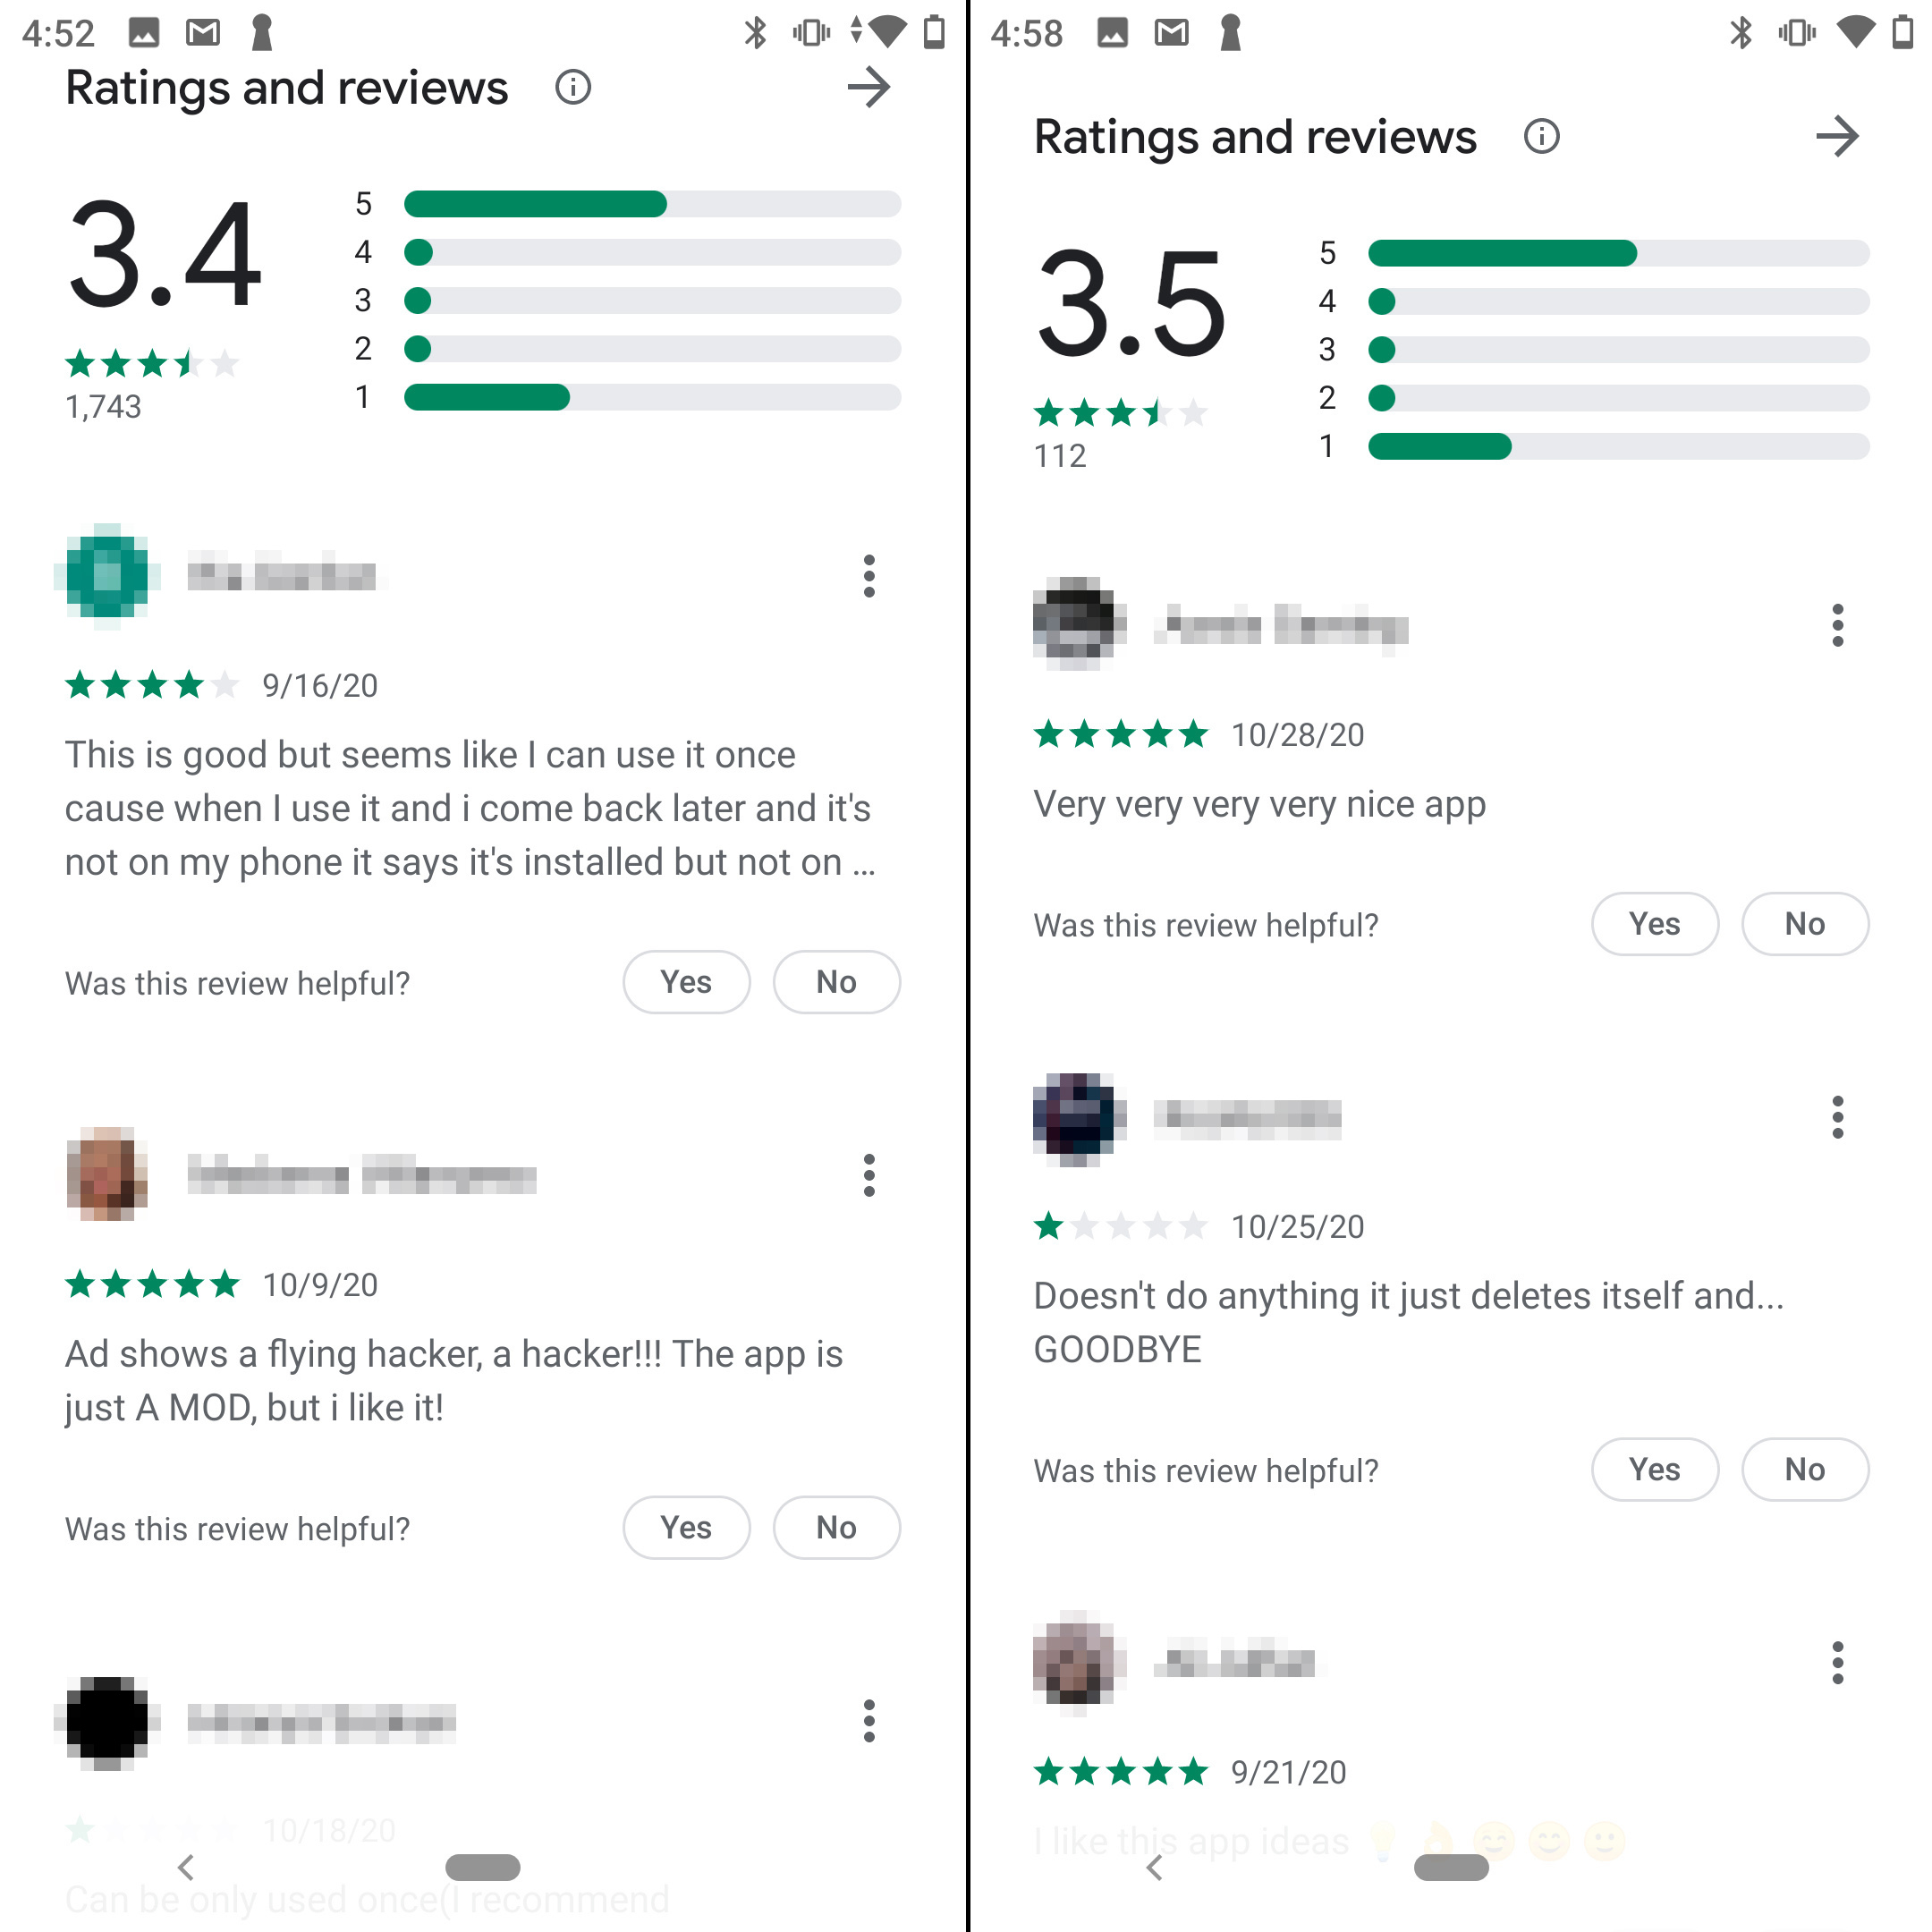 os aplicativos recebem classificações individuais de 1 ou 5 estrelas. Suspeito!